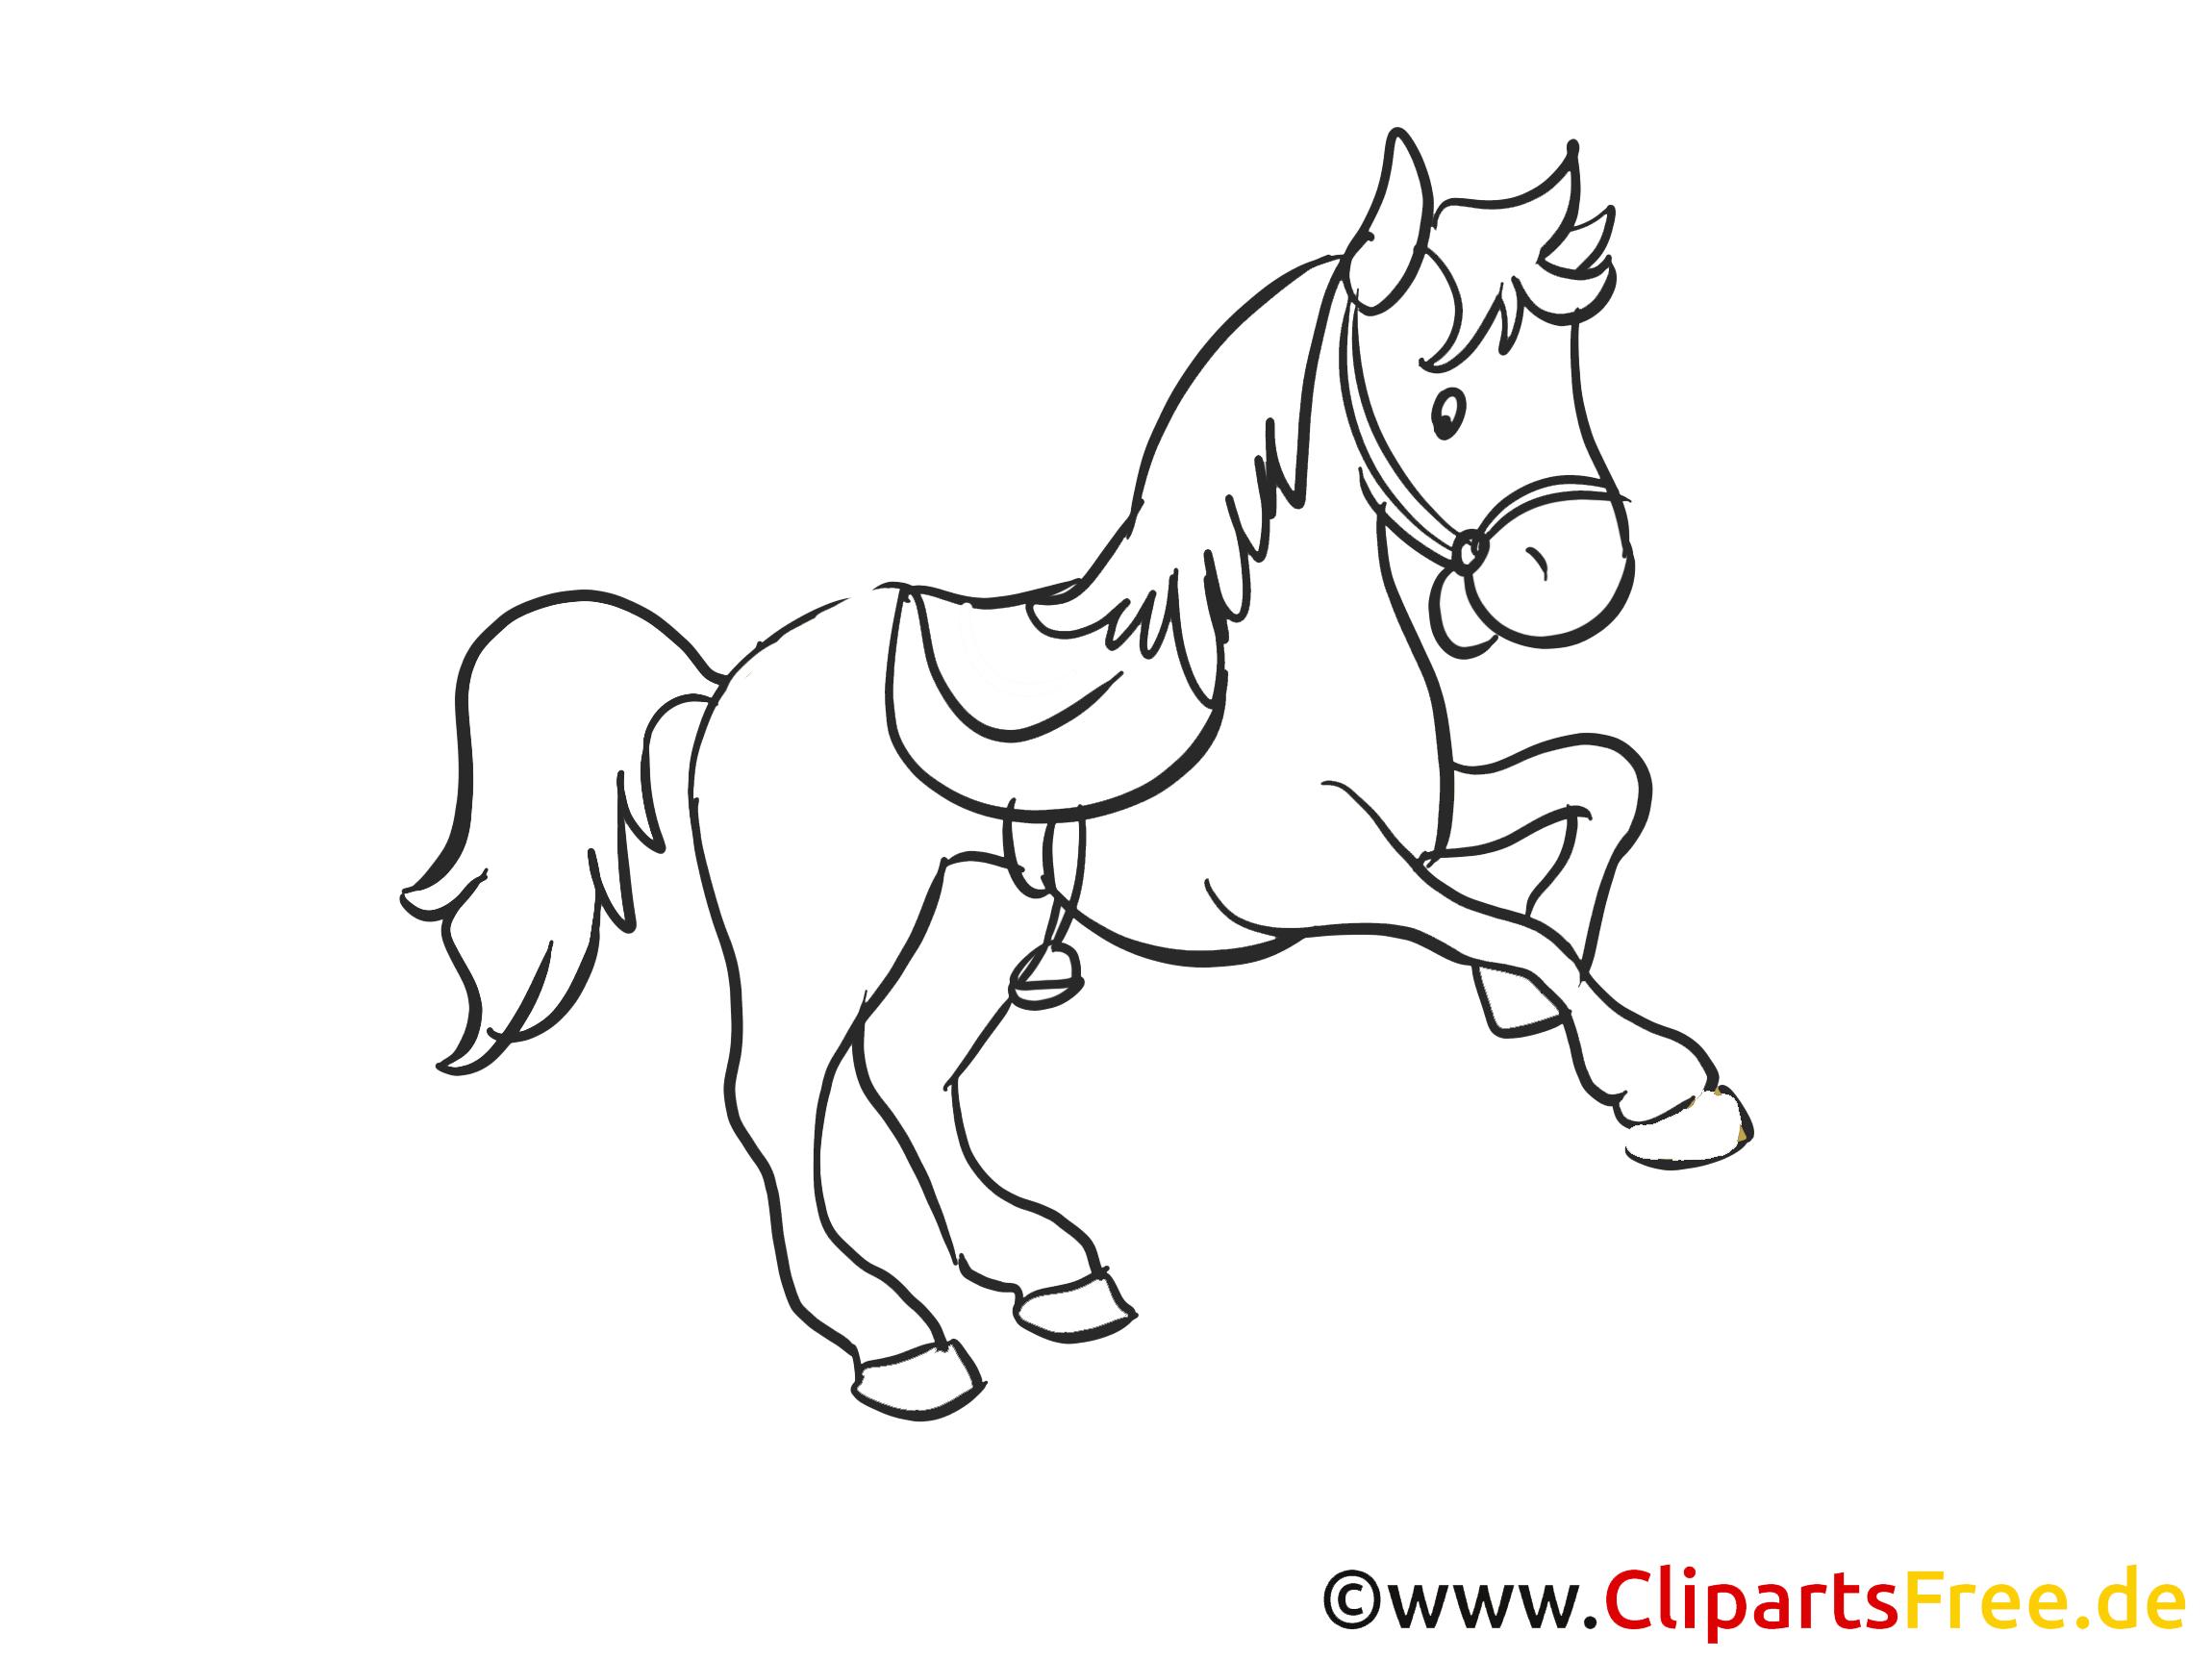 Clipart gratuit à imprimer cheval images